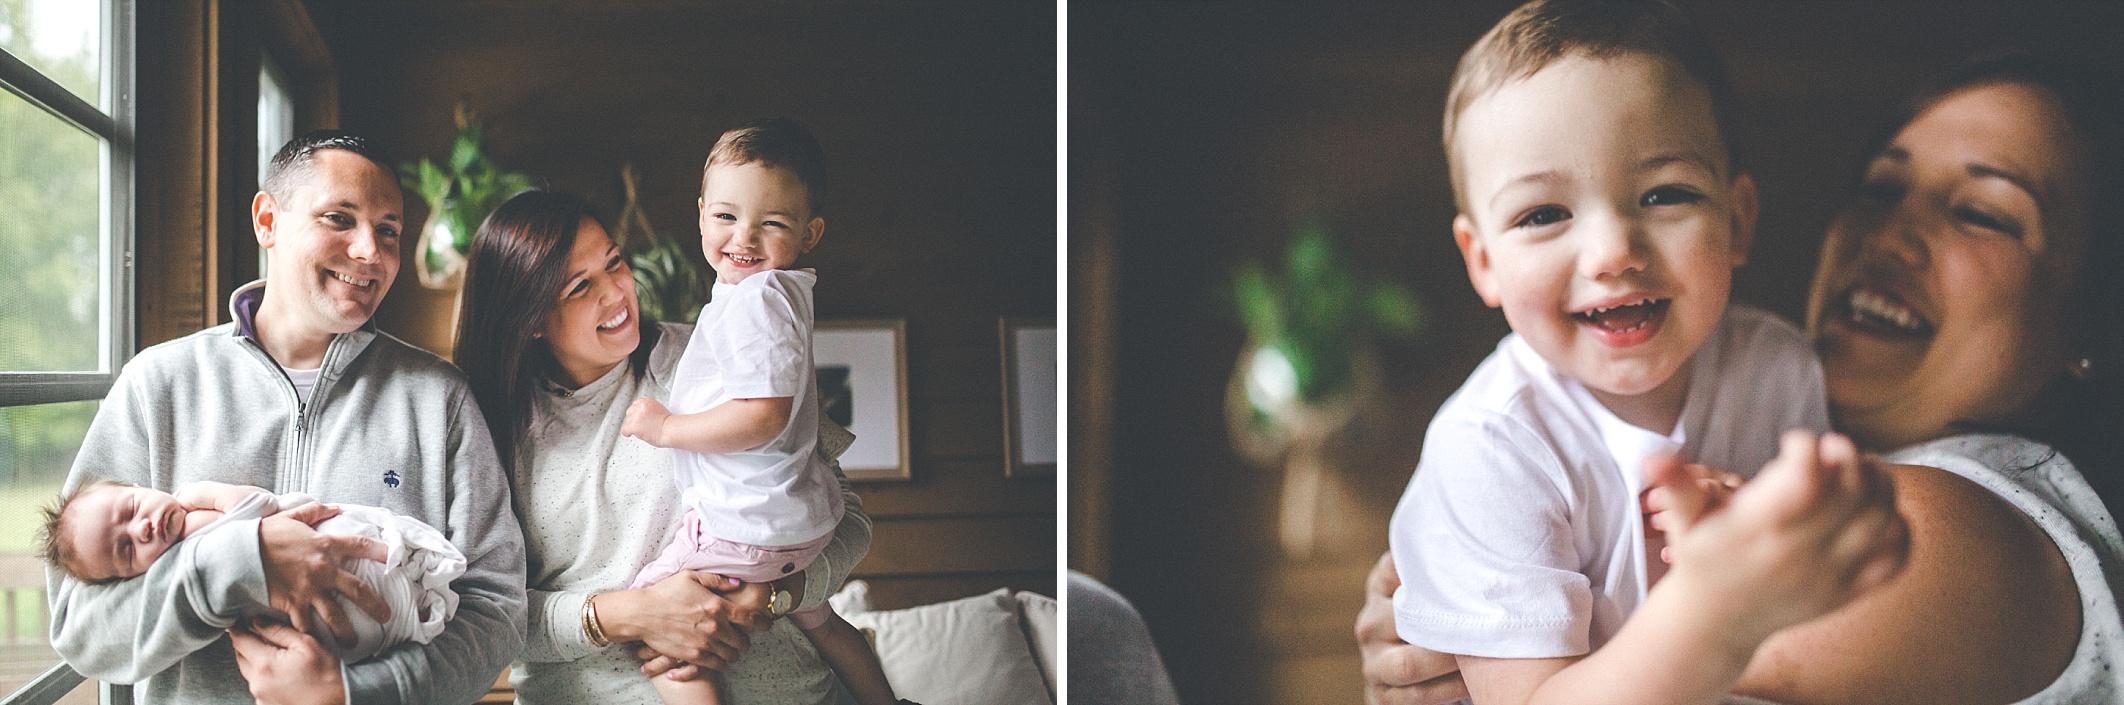 family-newborn-photographer-cincinnati-ohio_0032.jpg